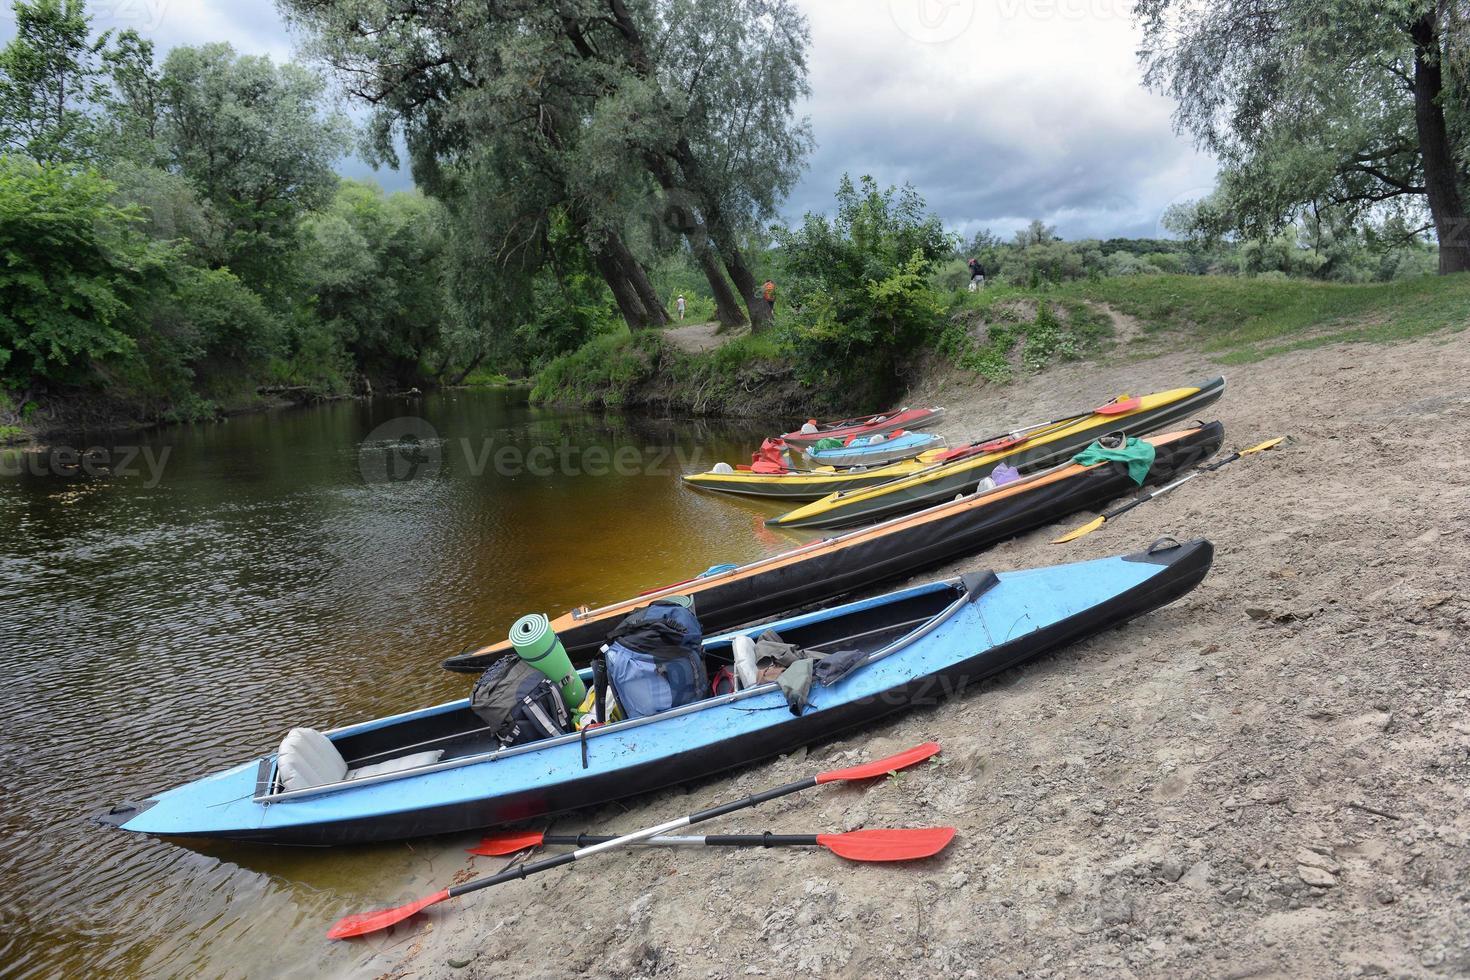 Kayak en el río en un día de verano foto